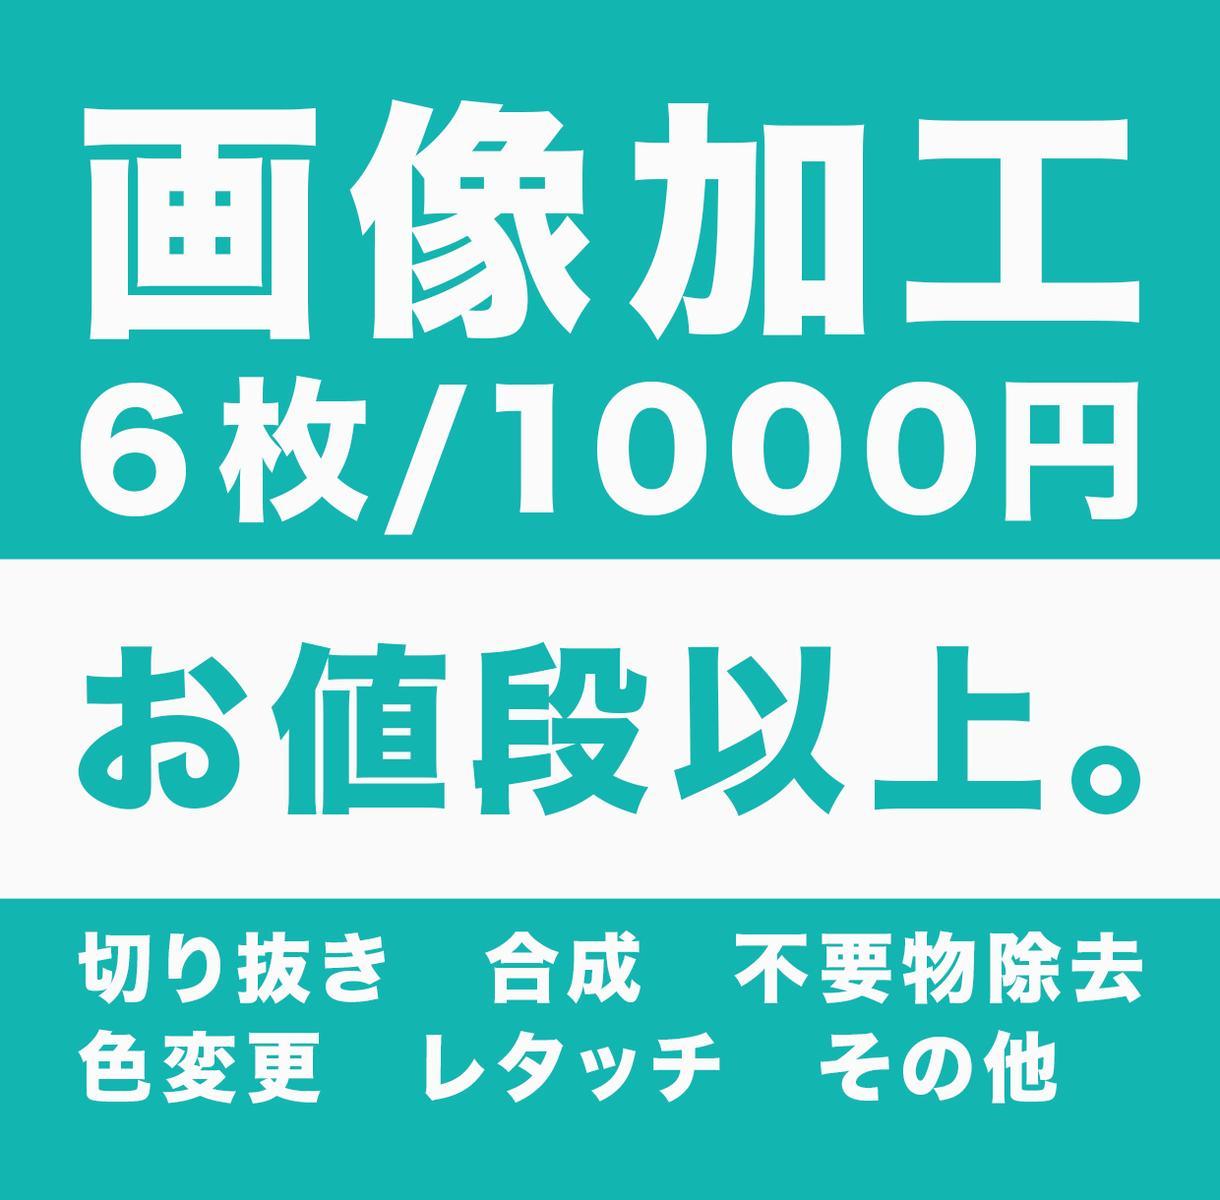 Amazon・楽天など、EC用商品画像を加工します 6点で1000円!切り抜き・白抜き・ゴミ消し・色調補正 イメージ1